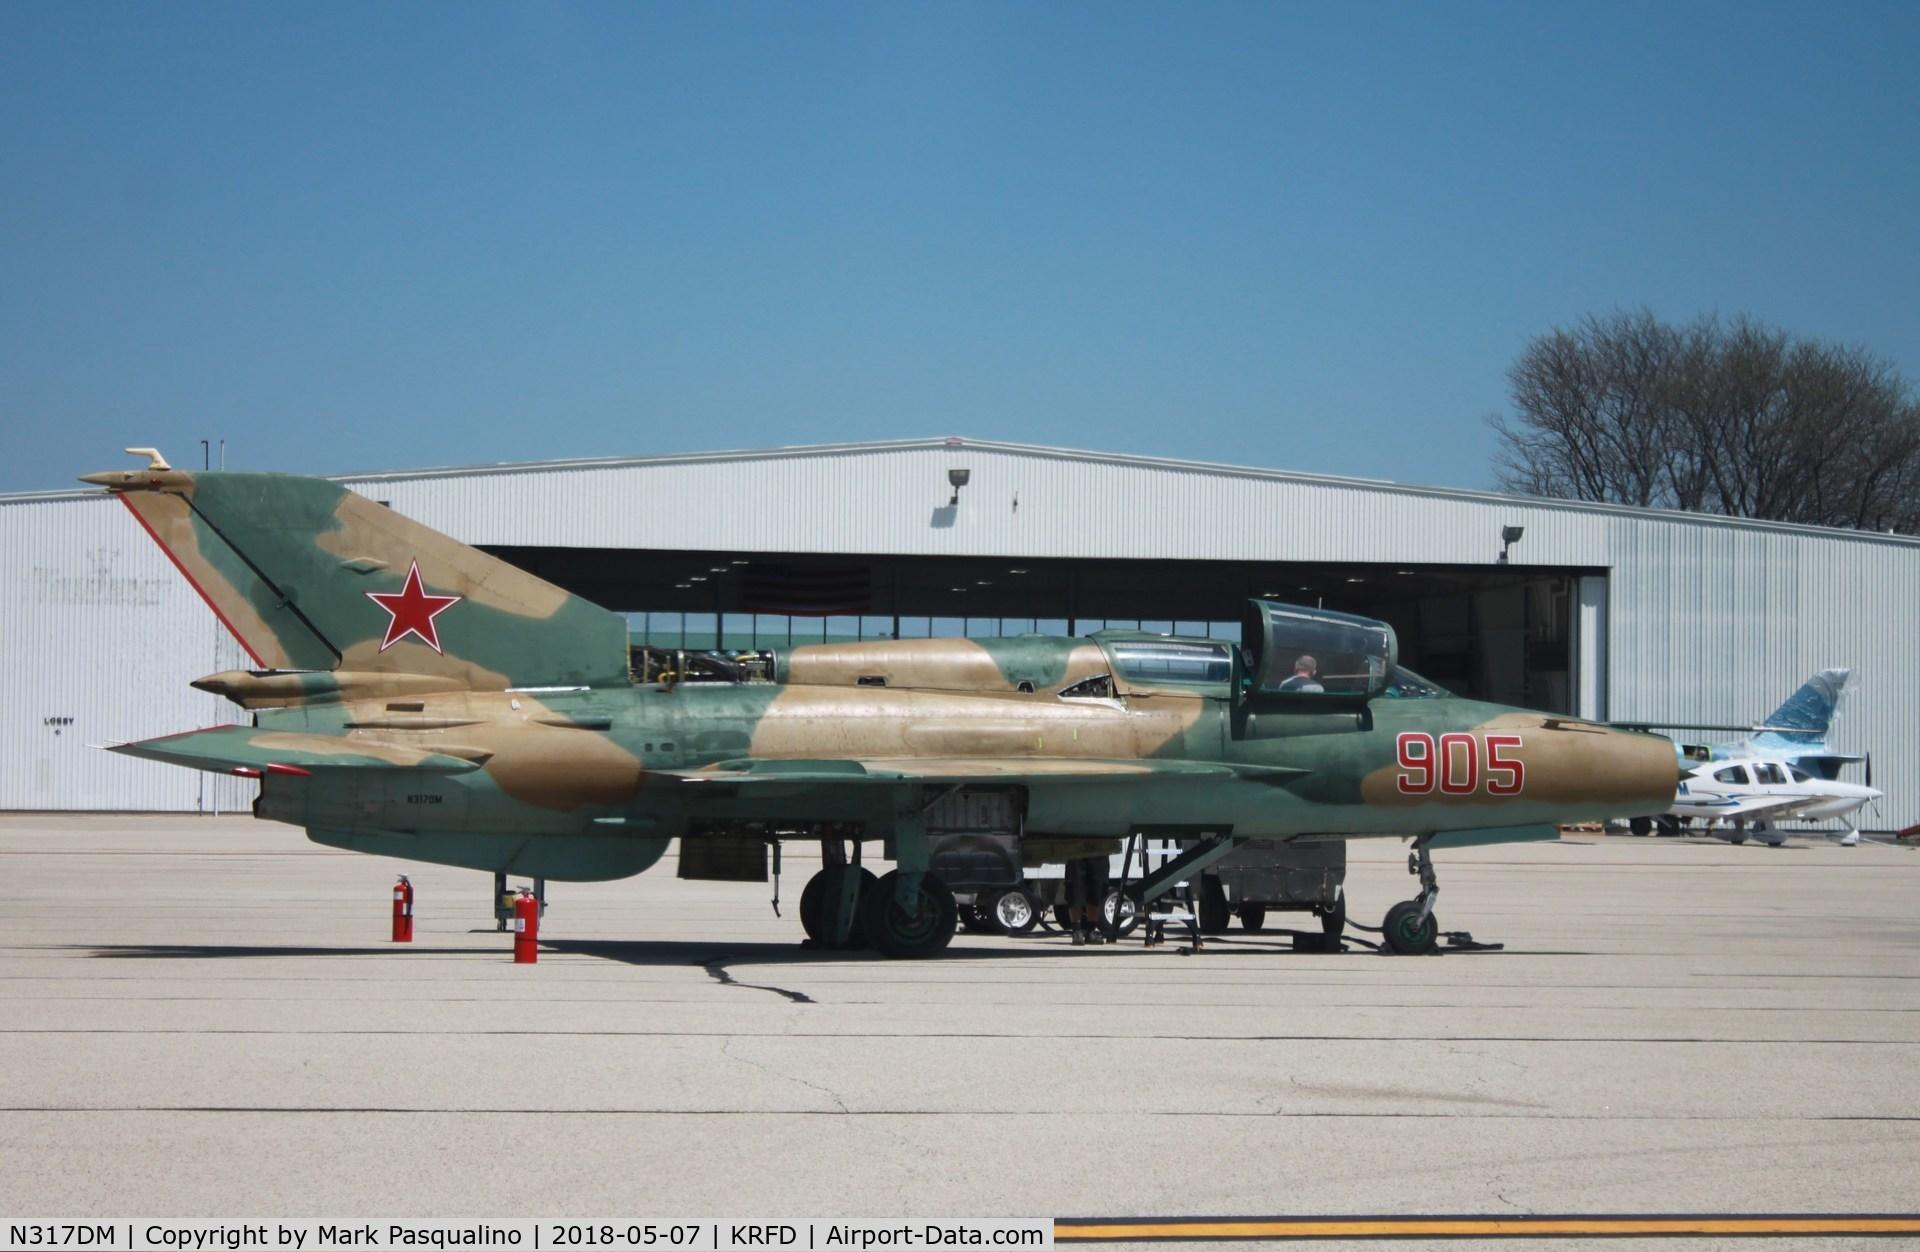 N317DM, 1974 Mikoyan-Gurevich MiG-21UM Lancer B C/N 516913056, MiG-21UM